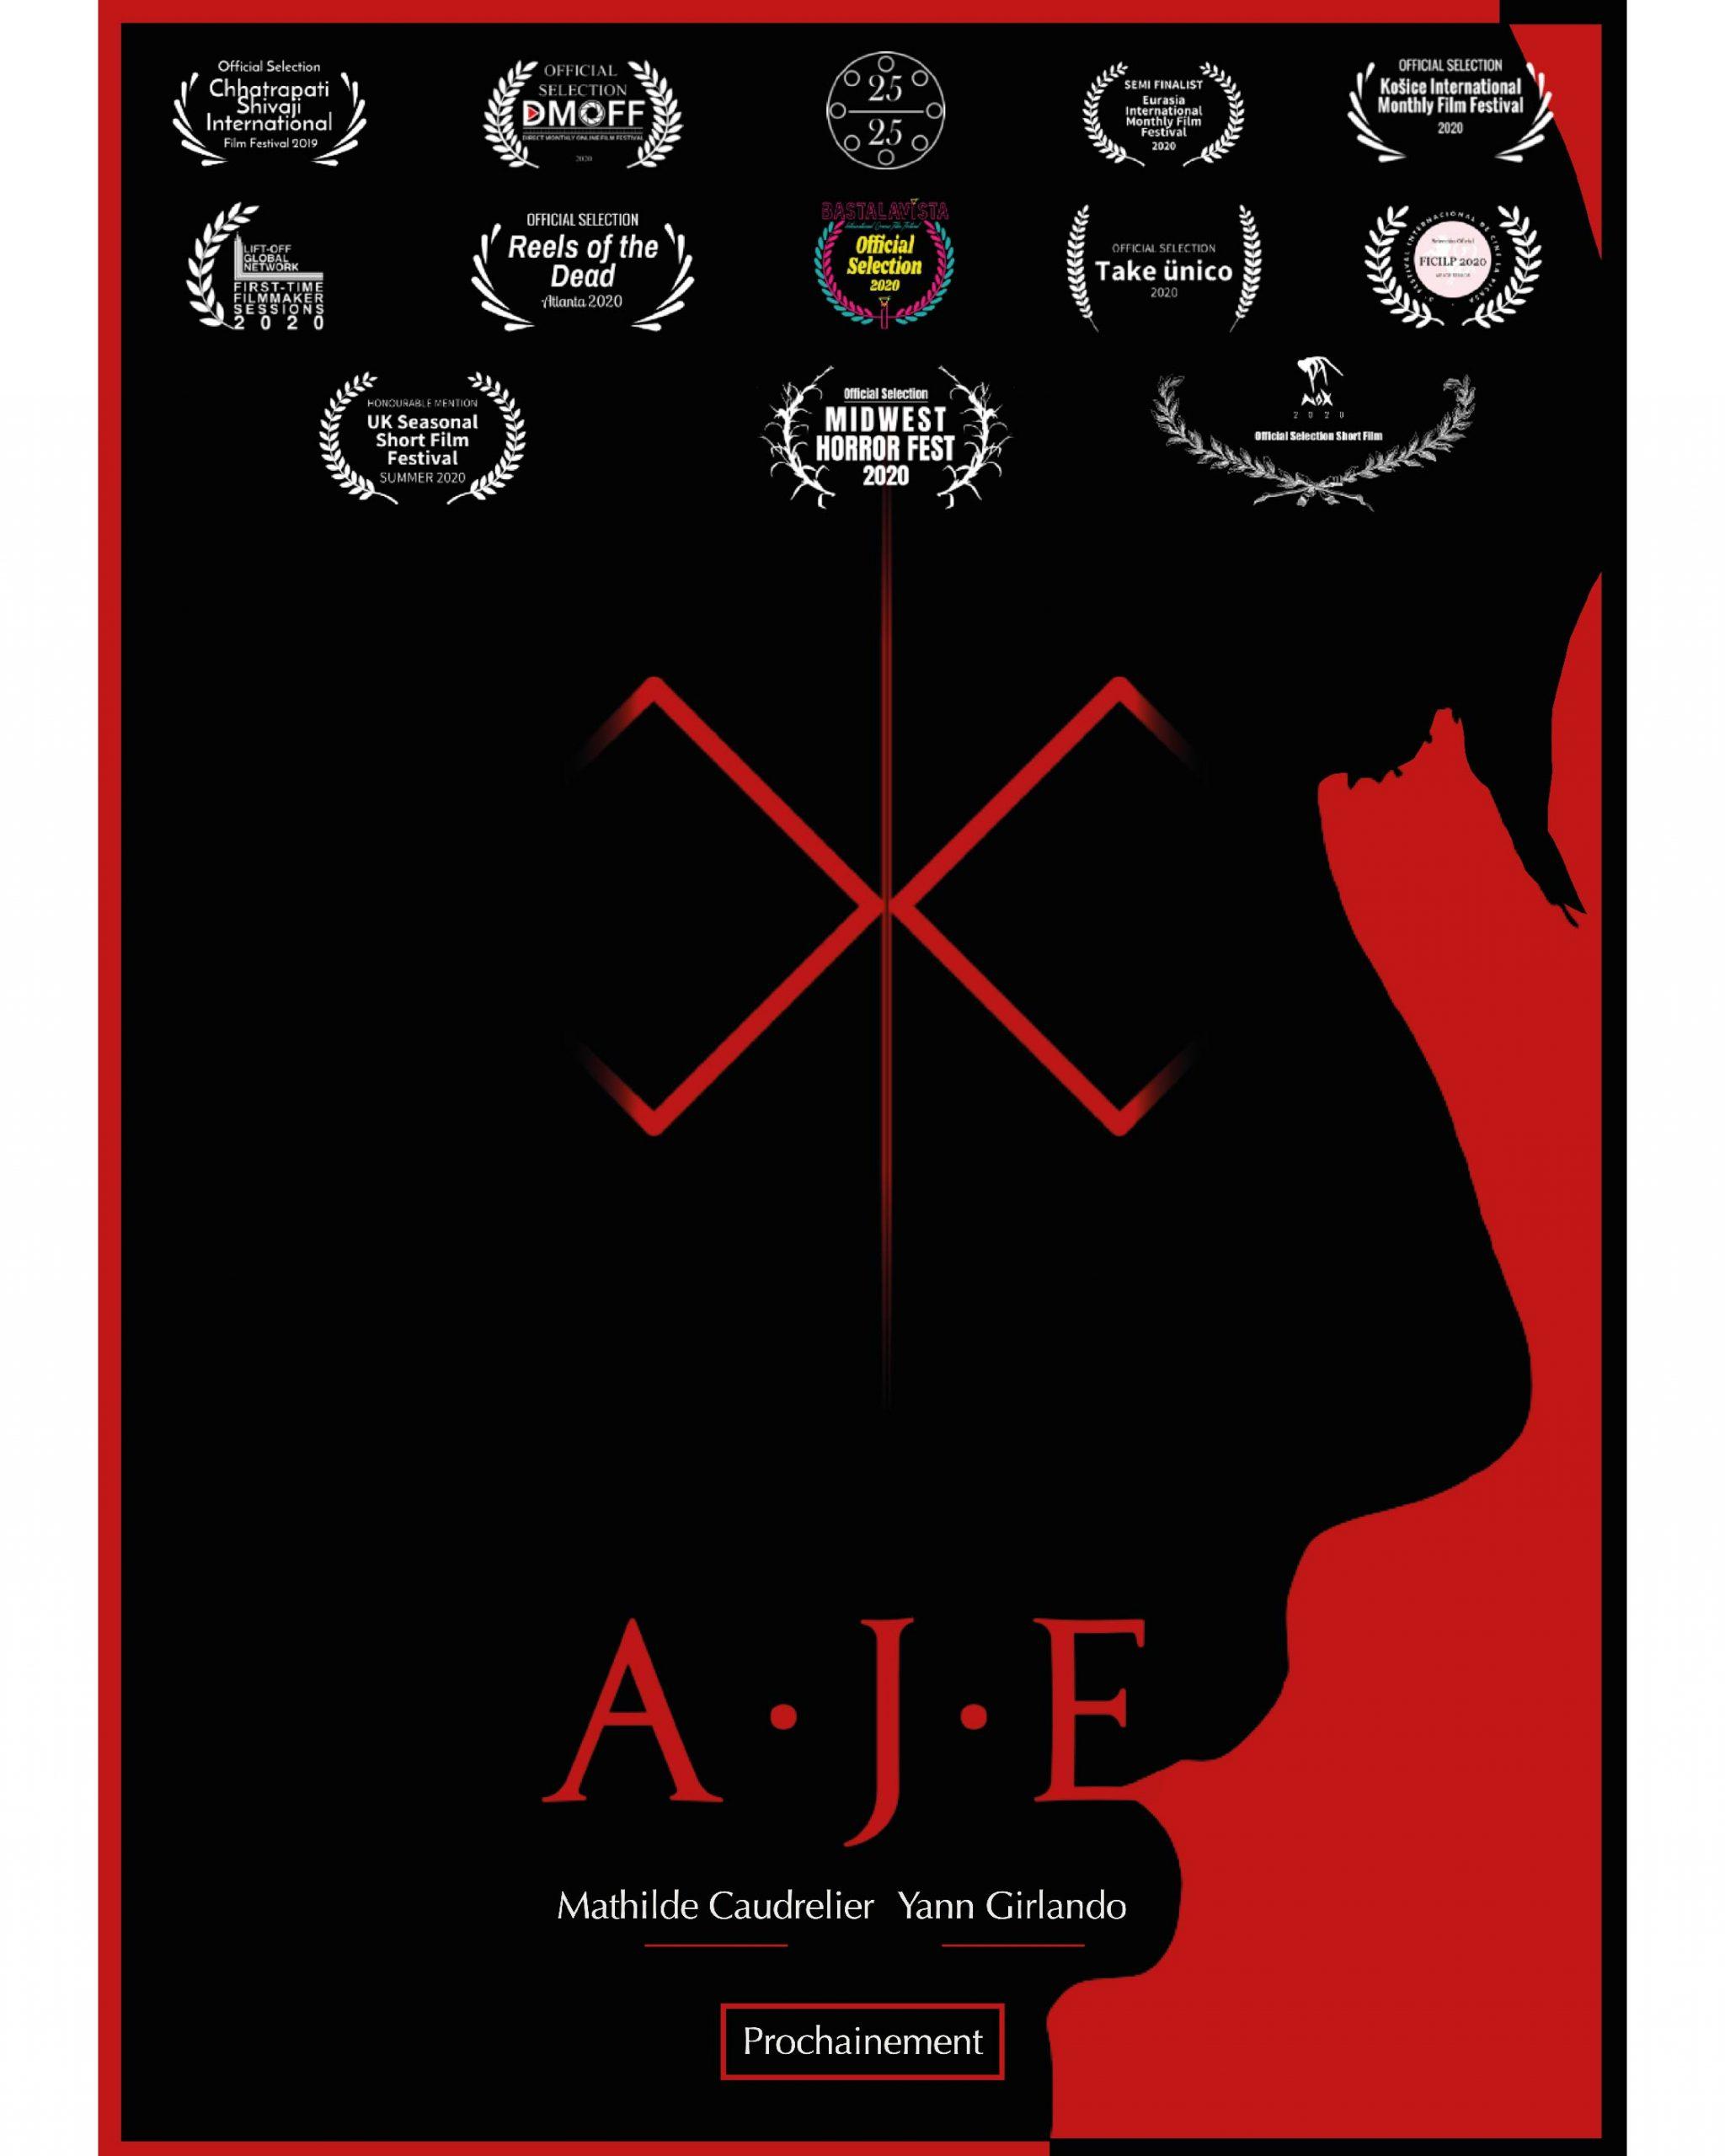 hexagon film festival aje